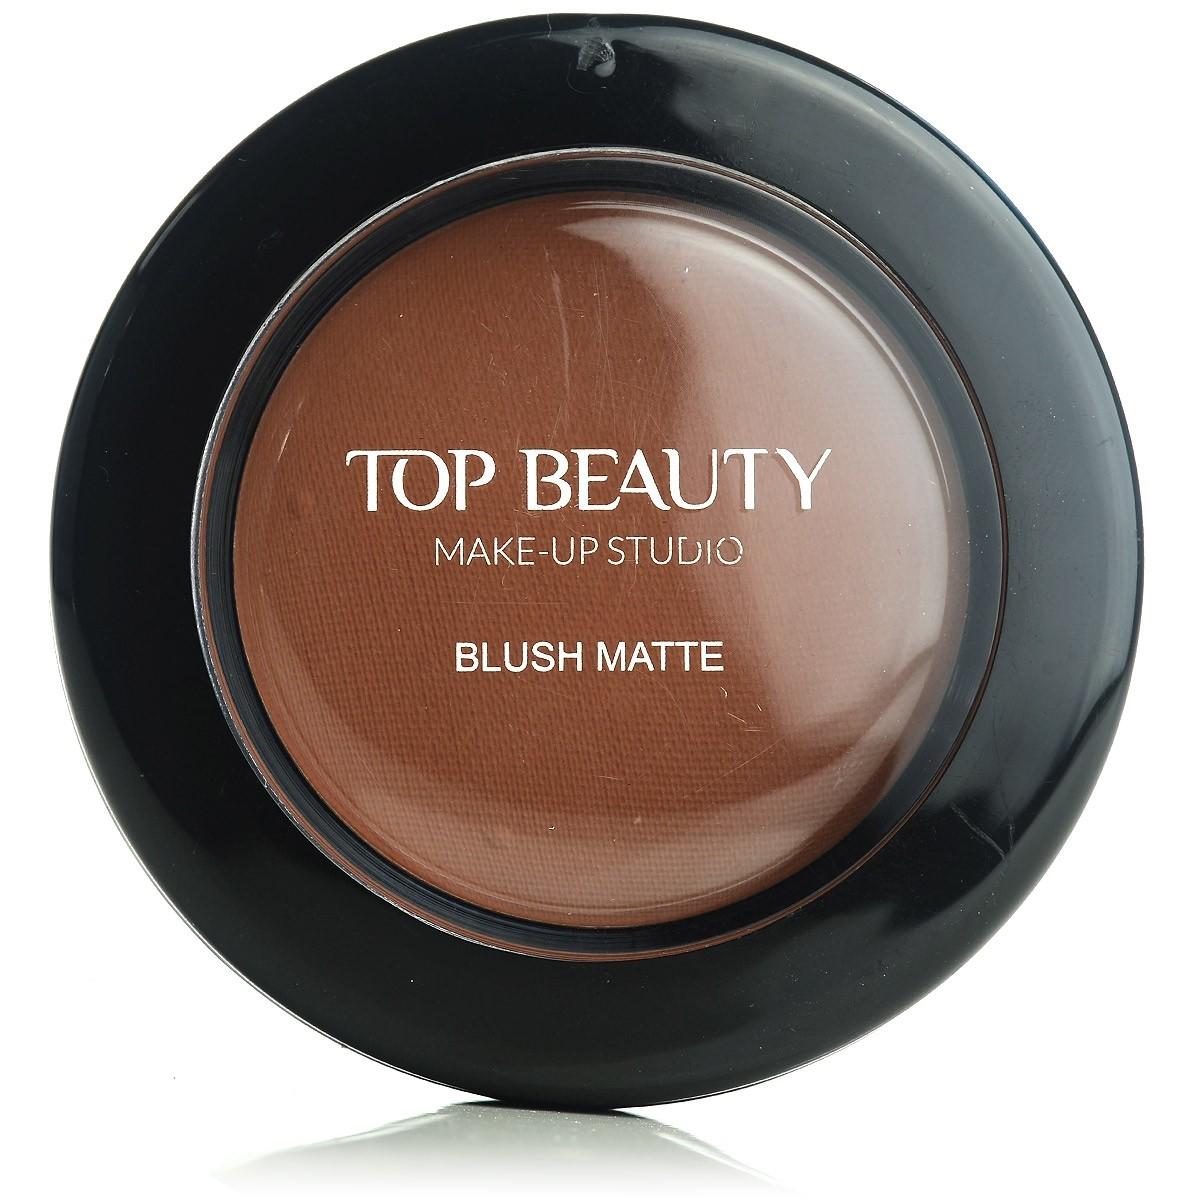 Blush Matte Cor 05 Top Beauty 4,5g